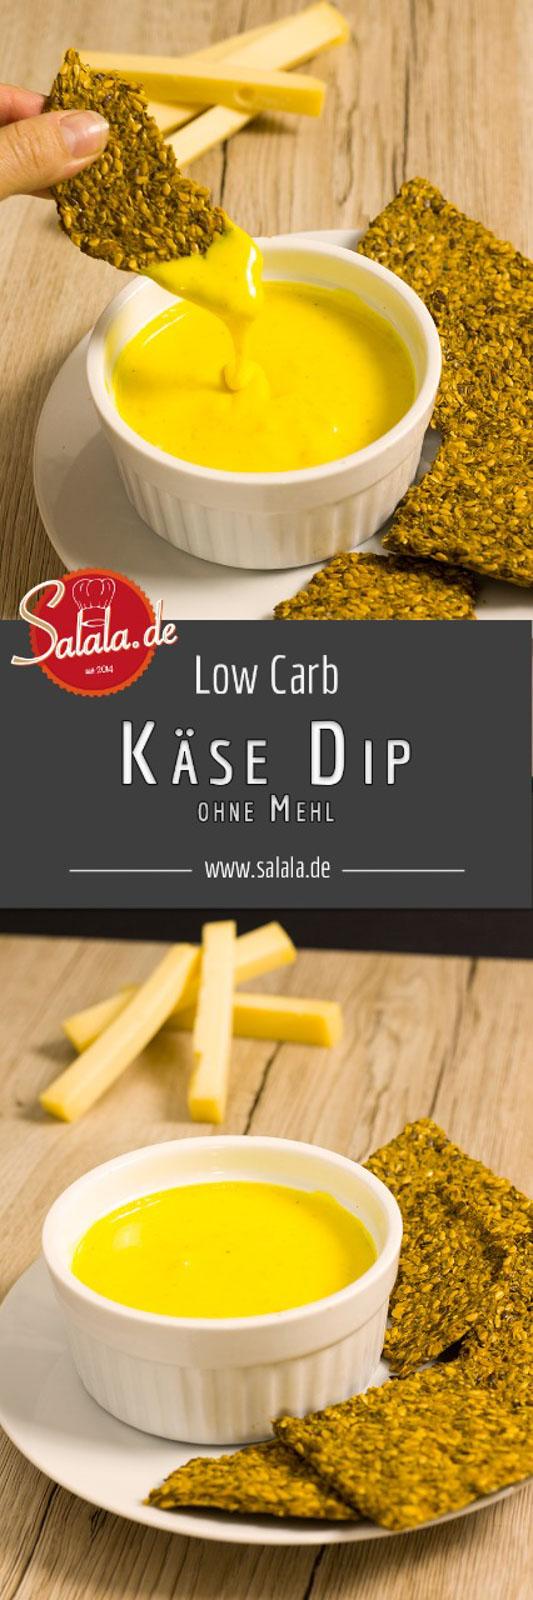 Käse-Dip selber machen Cheese Dip für Nachos ohne Mehl zuckerfrei low carb salala.de Rezept